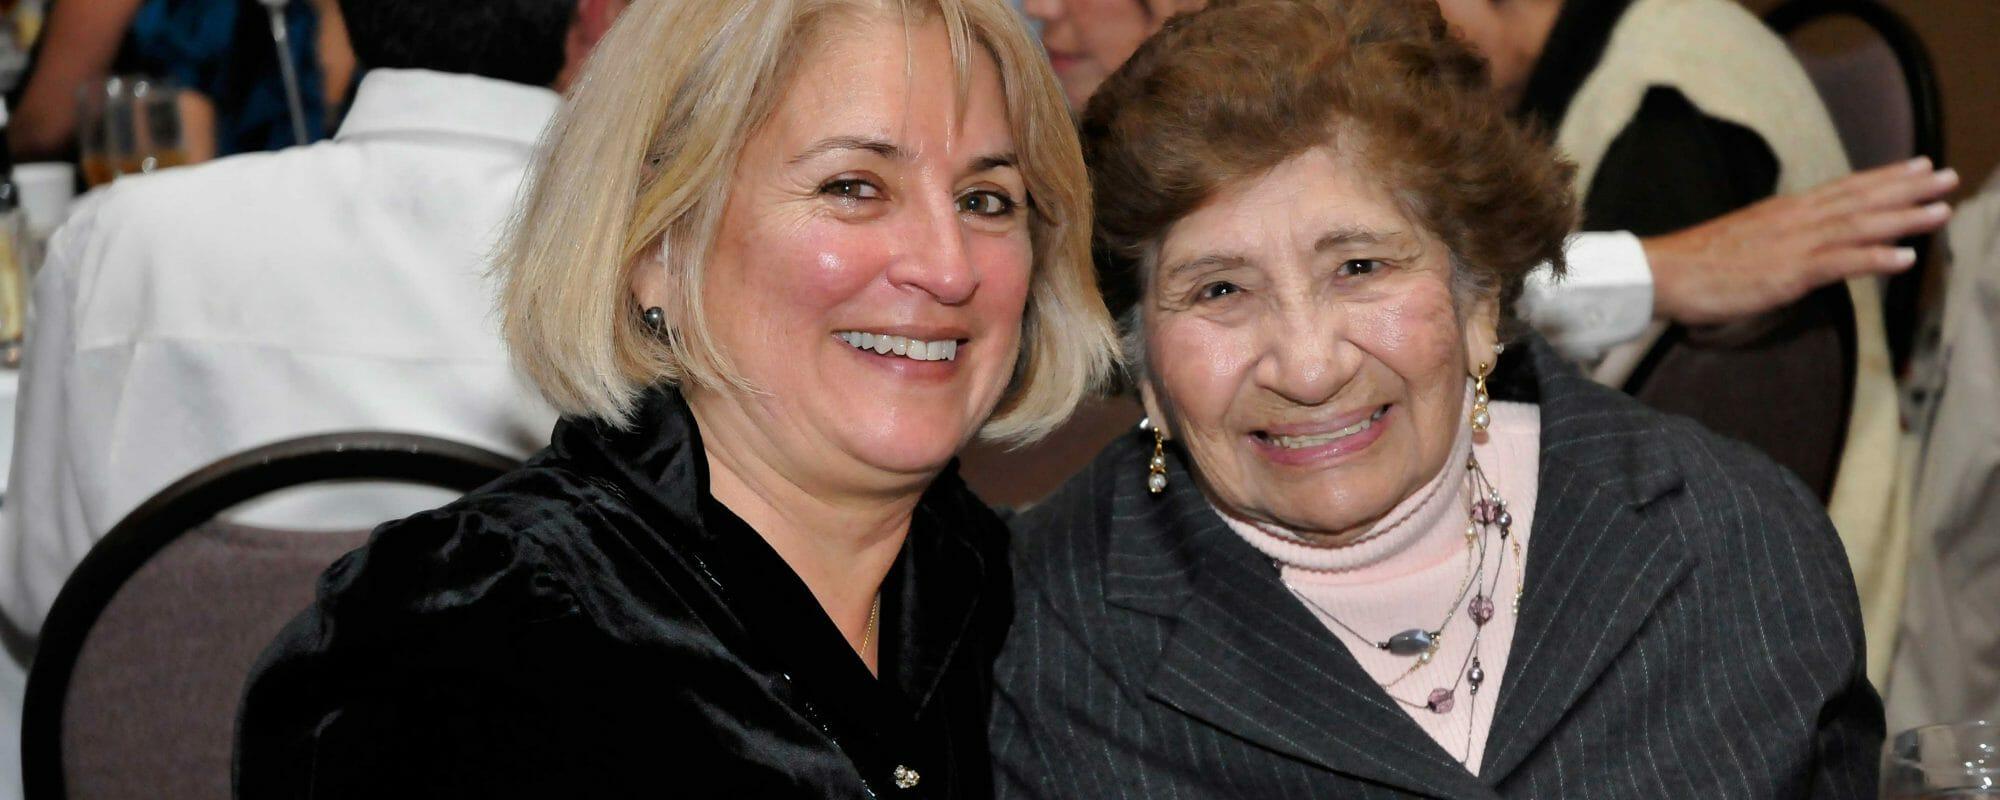 National Association for Hispanic Elderly Regional Office